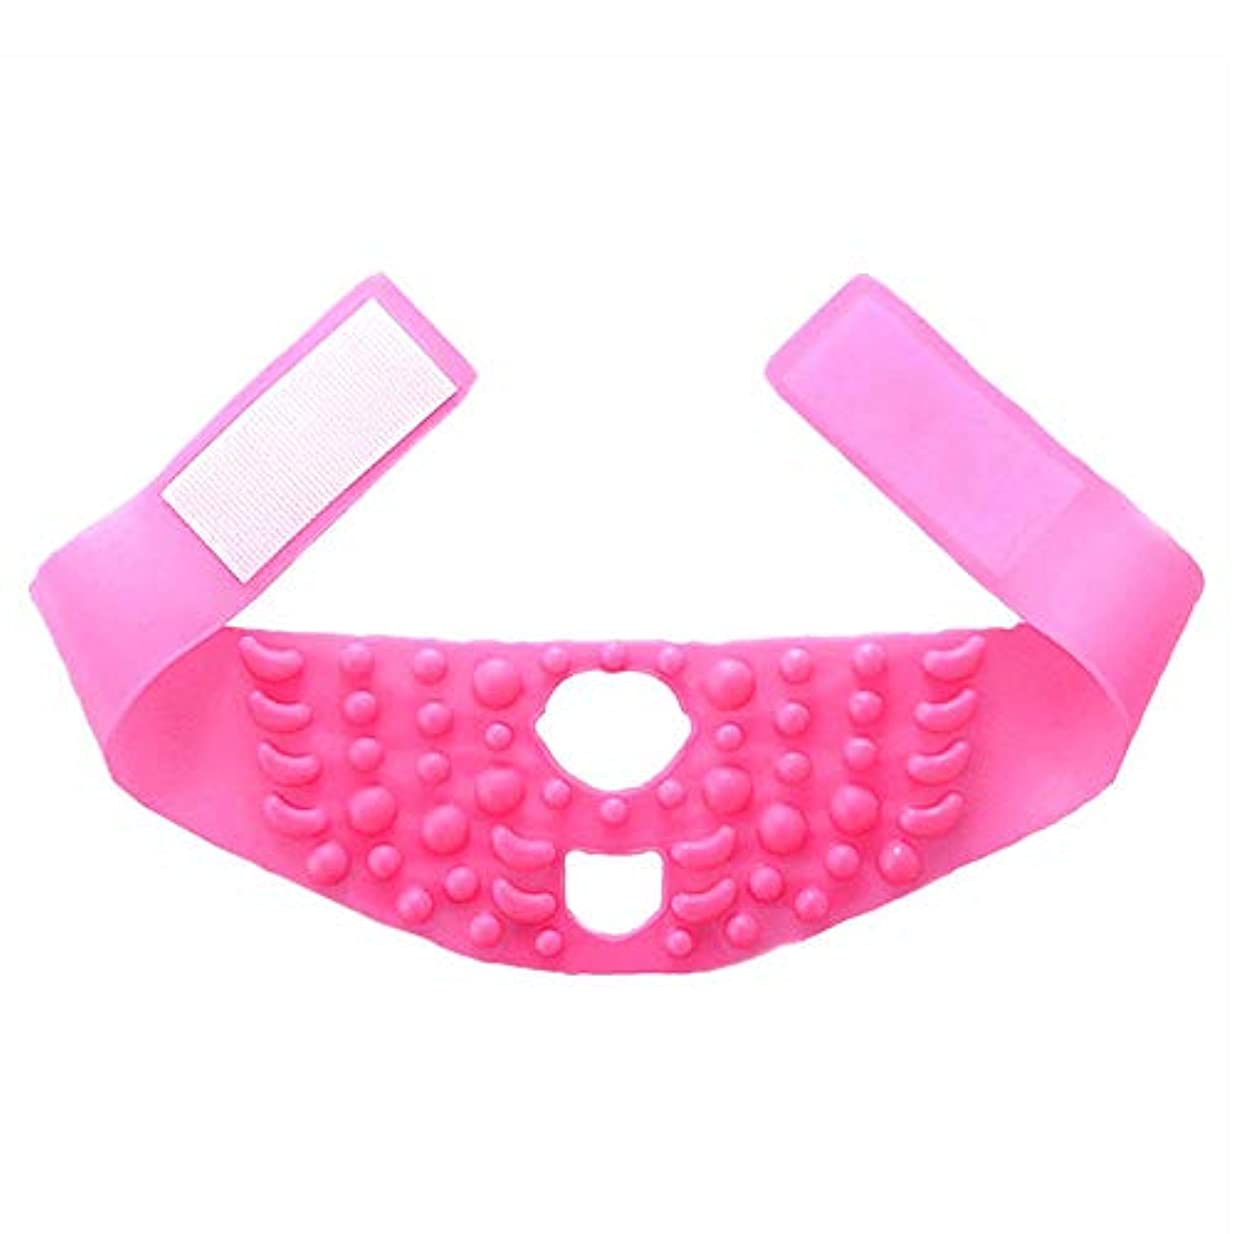 土地直径赤ちゃんMinmin シンフェイスマスクシリコーンマッサージ引き締まった形の小さなVフェイスリフティングに薄いフェイスアーティファクト包帯を飾る - ピンク みんみんVラインフェイスマスク